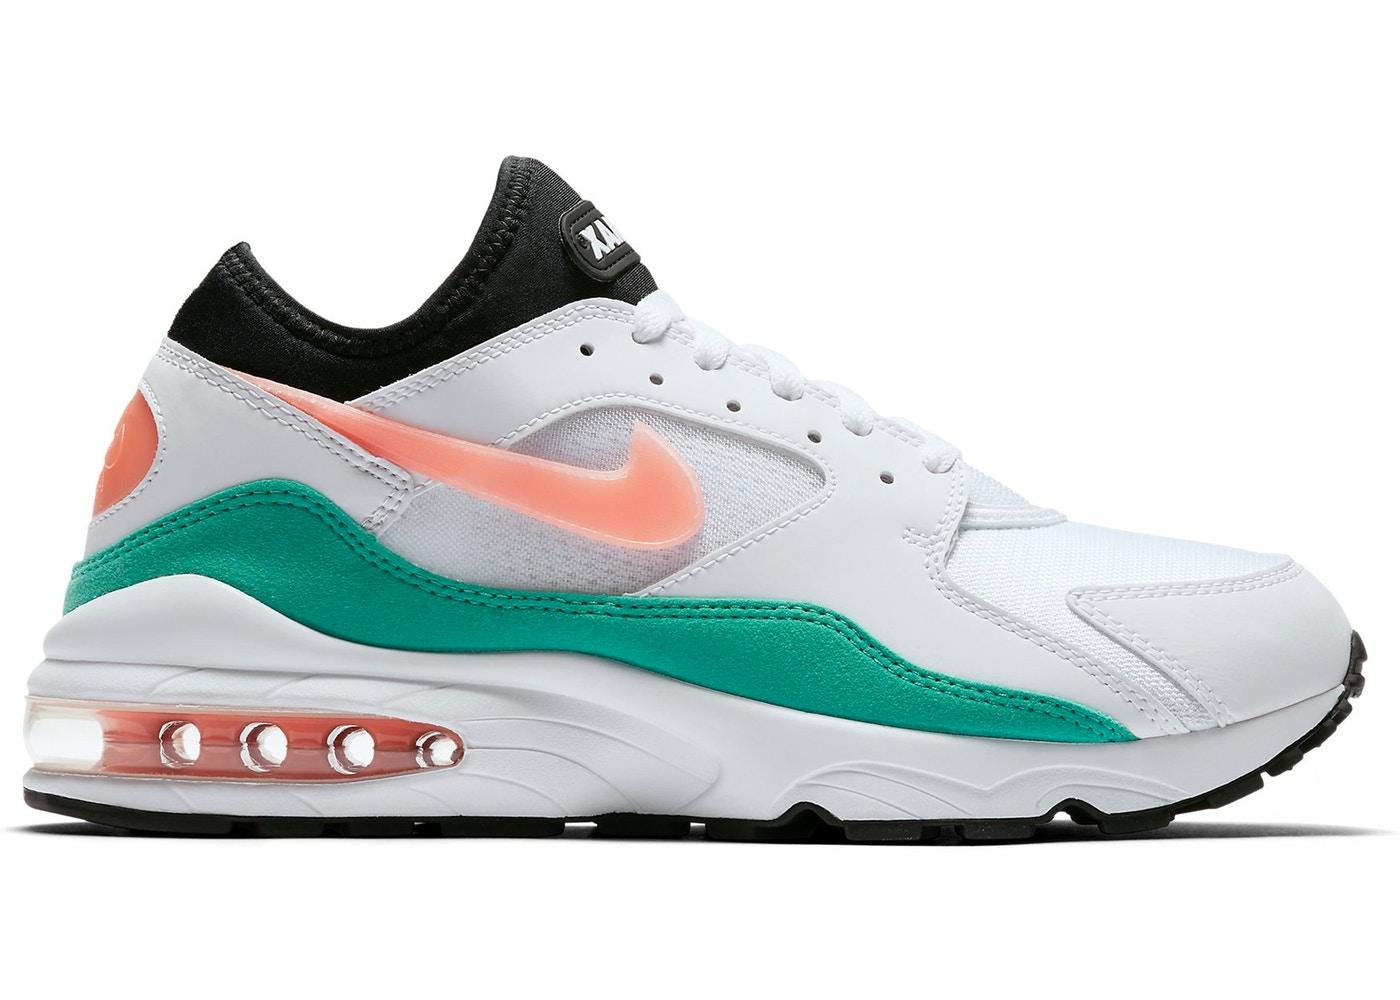 ナイキ メンズ スニーカー Nike Air Max 93 ランニングシューズ エアマックス 93 White/Crimson Bliss/Kinetic Green